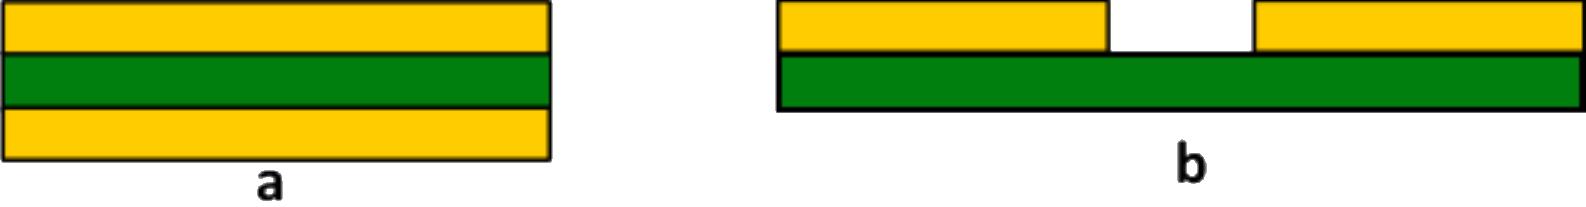 Тонкости проектирования силовой платы инвертора - 6